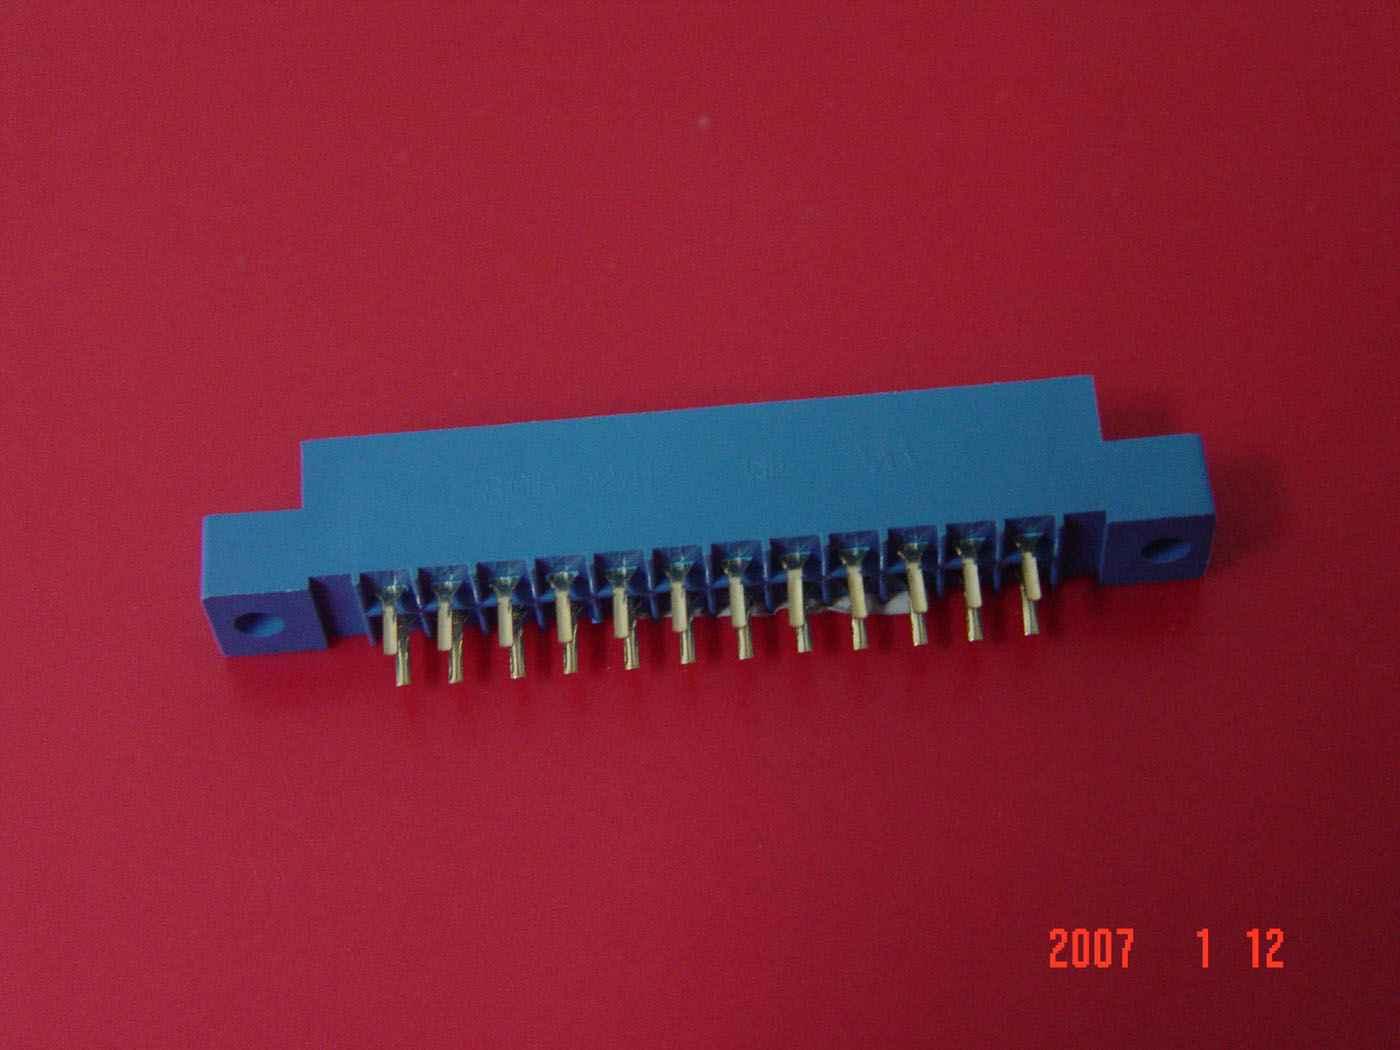 总线/锁紧/CY401/SYD/PC104 第28张